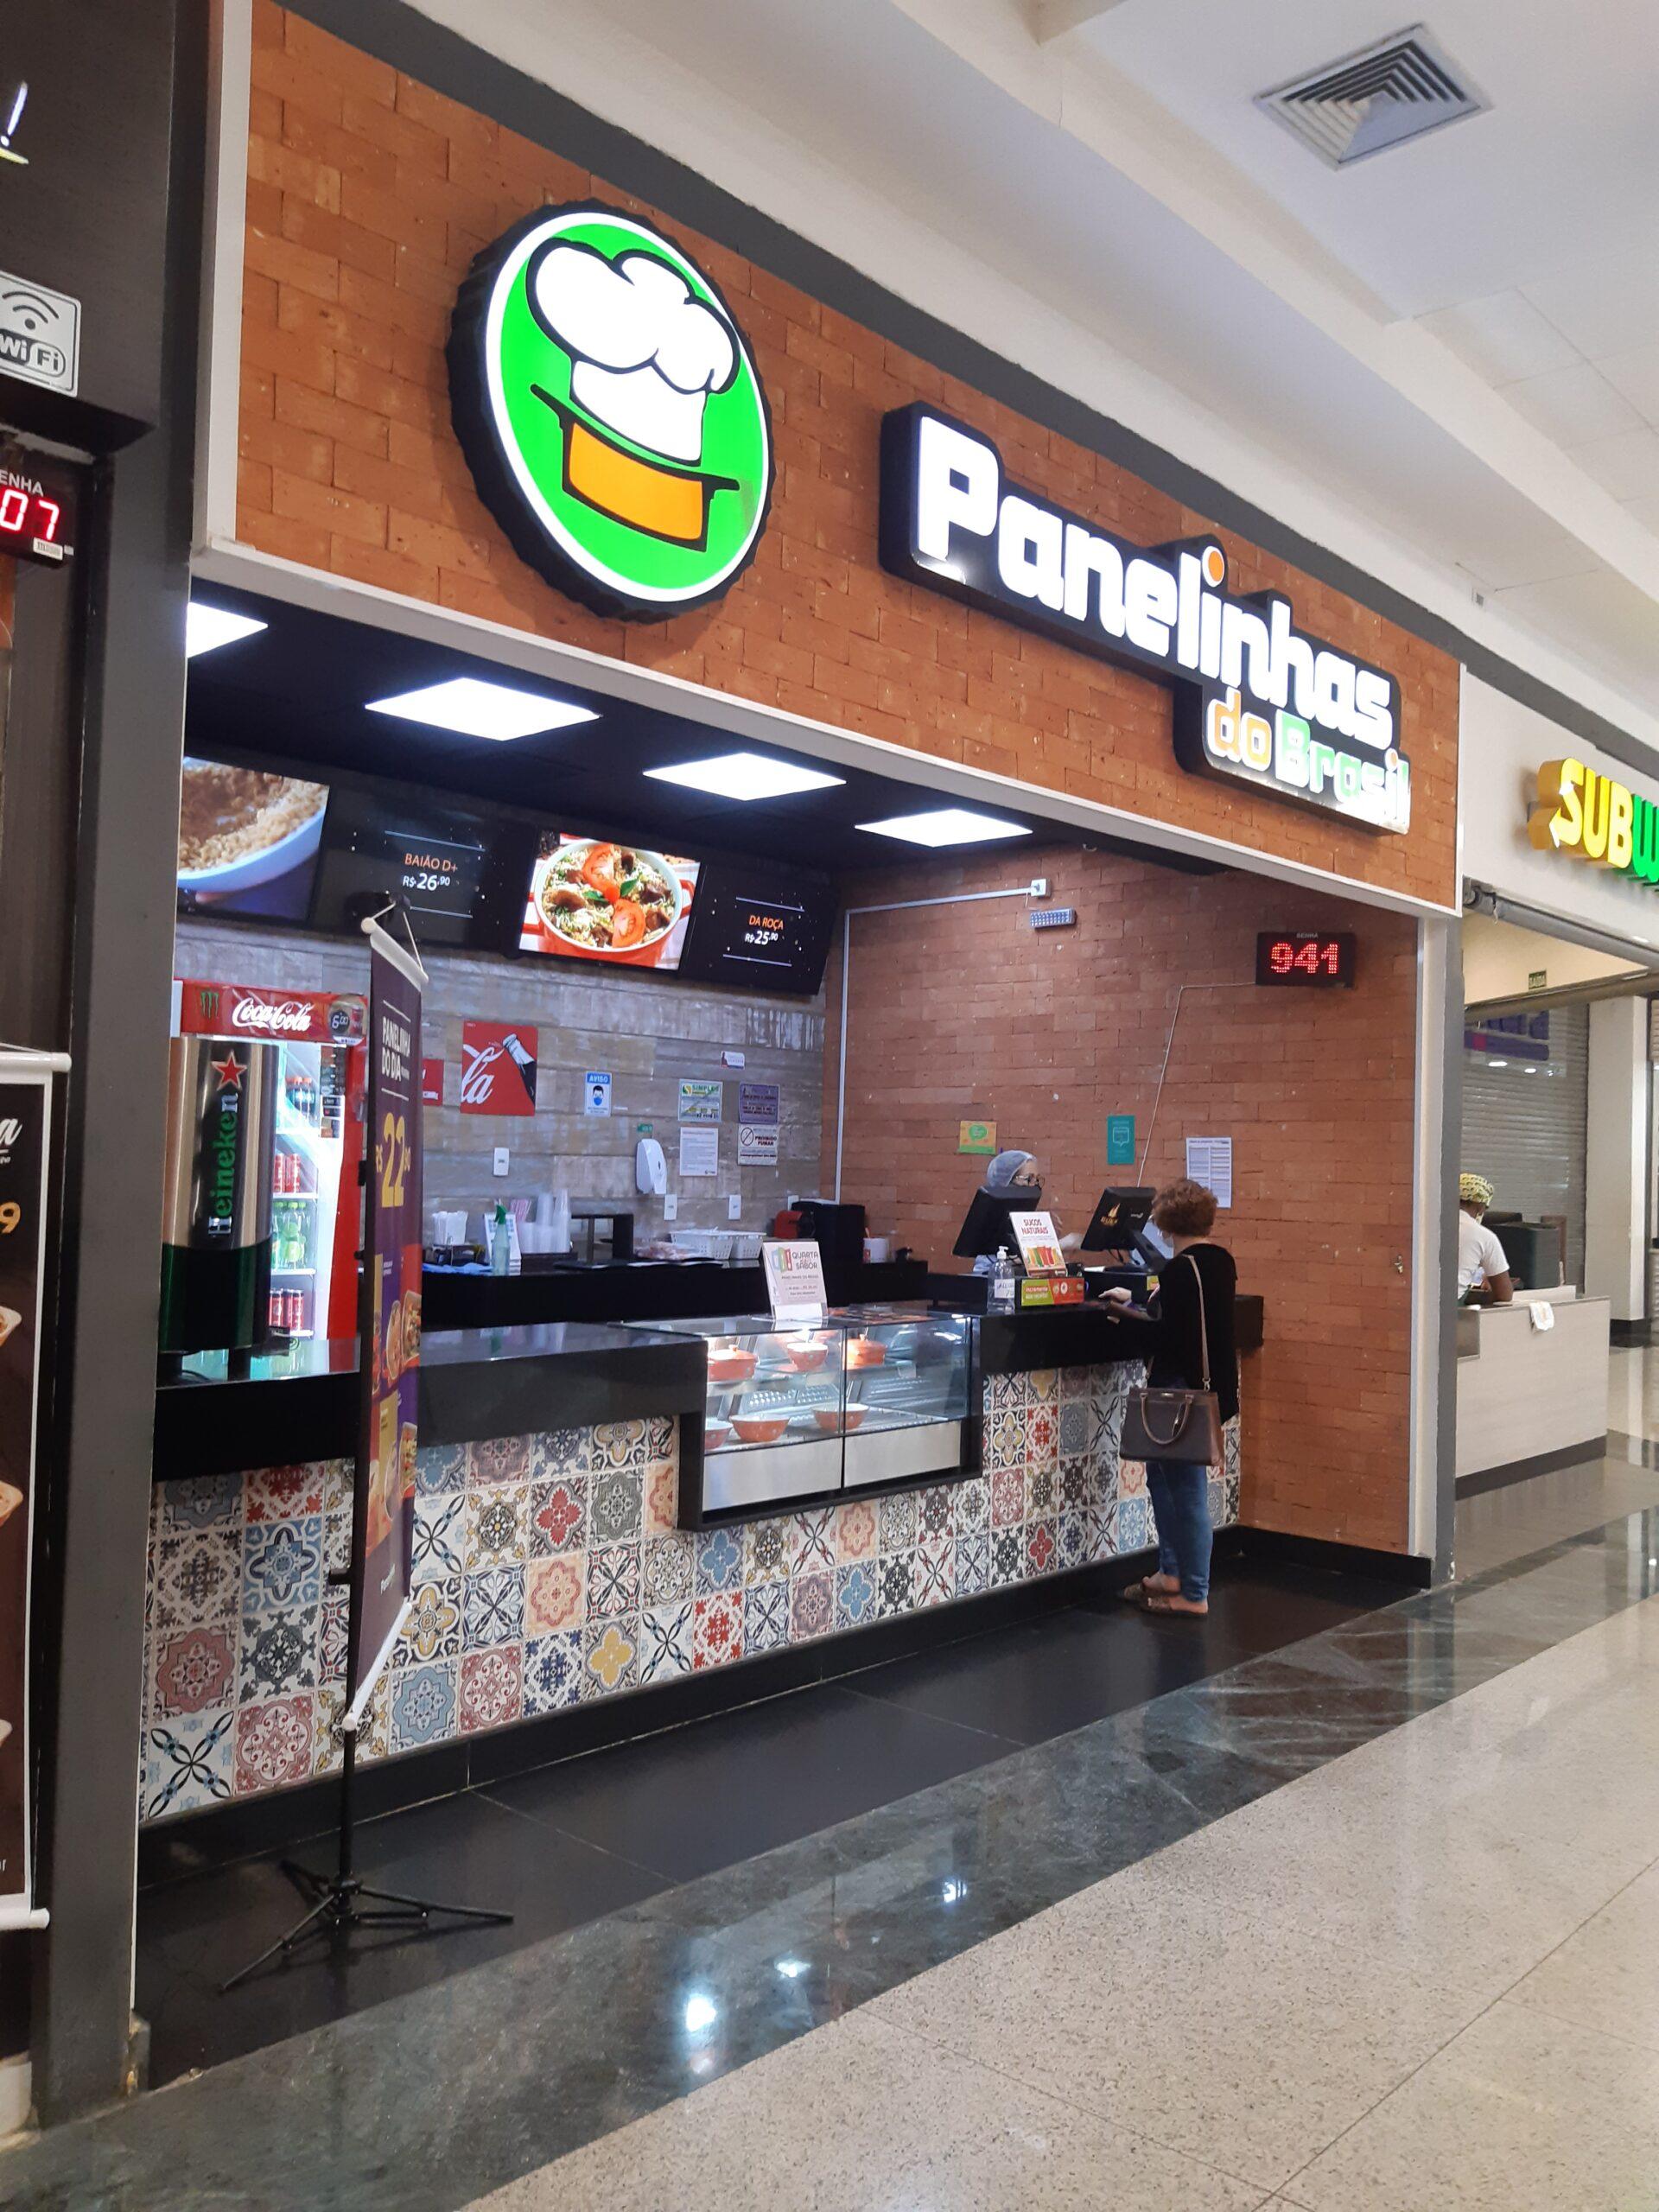 Panelinhas do Brasil, Taguatinga Shopping, Comércio Brasilia